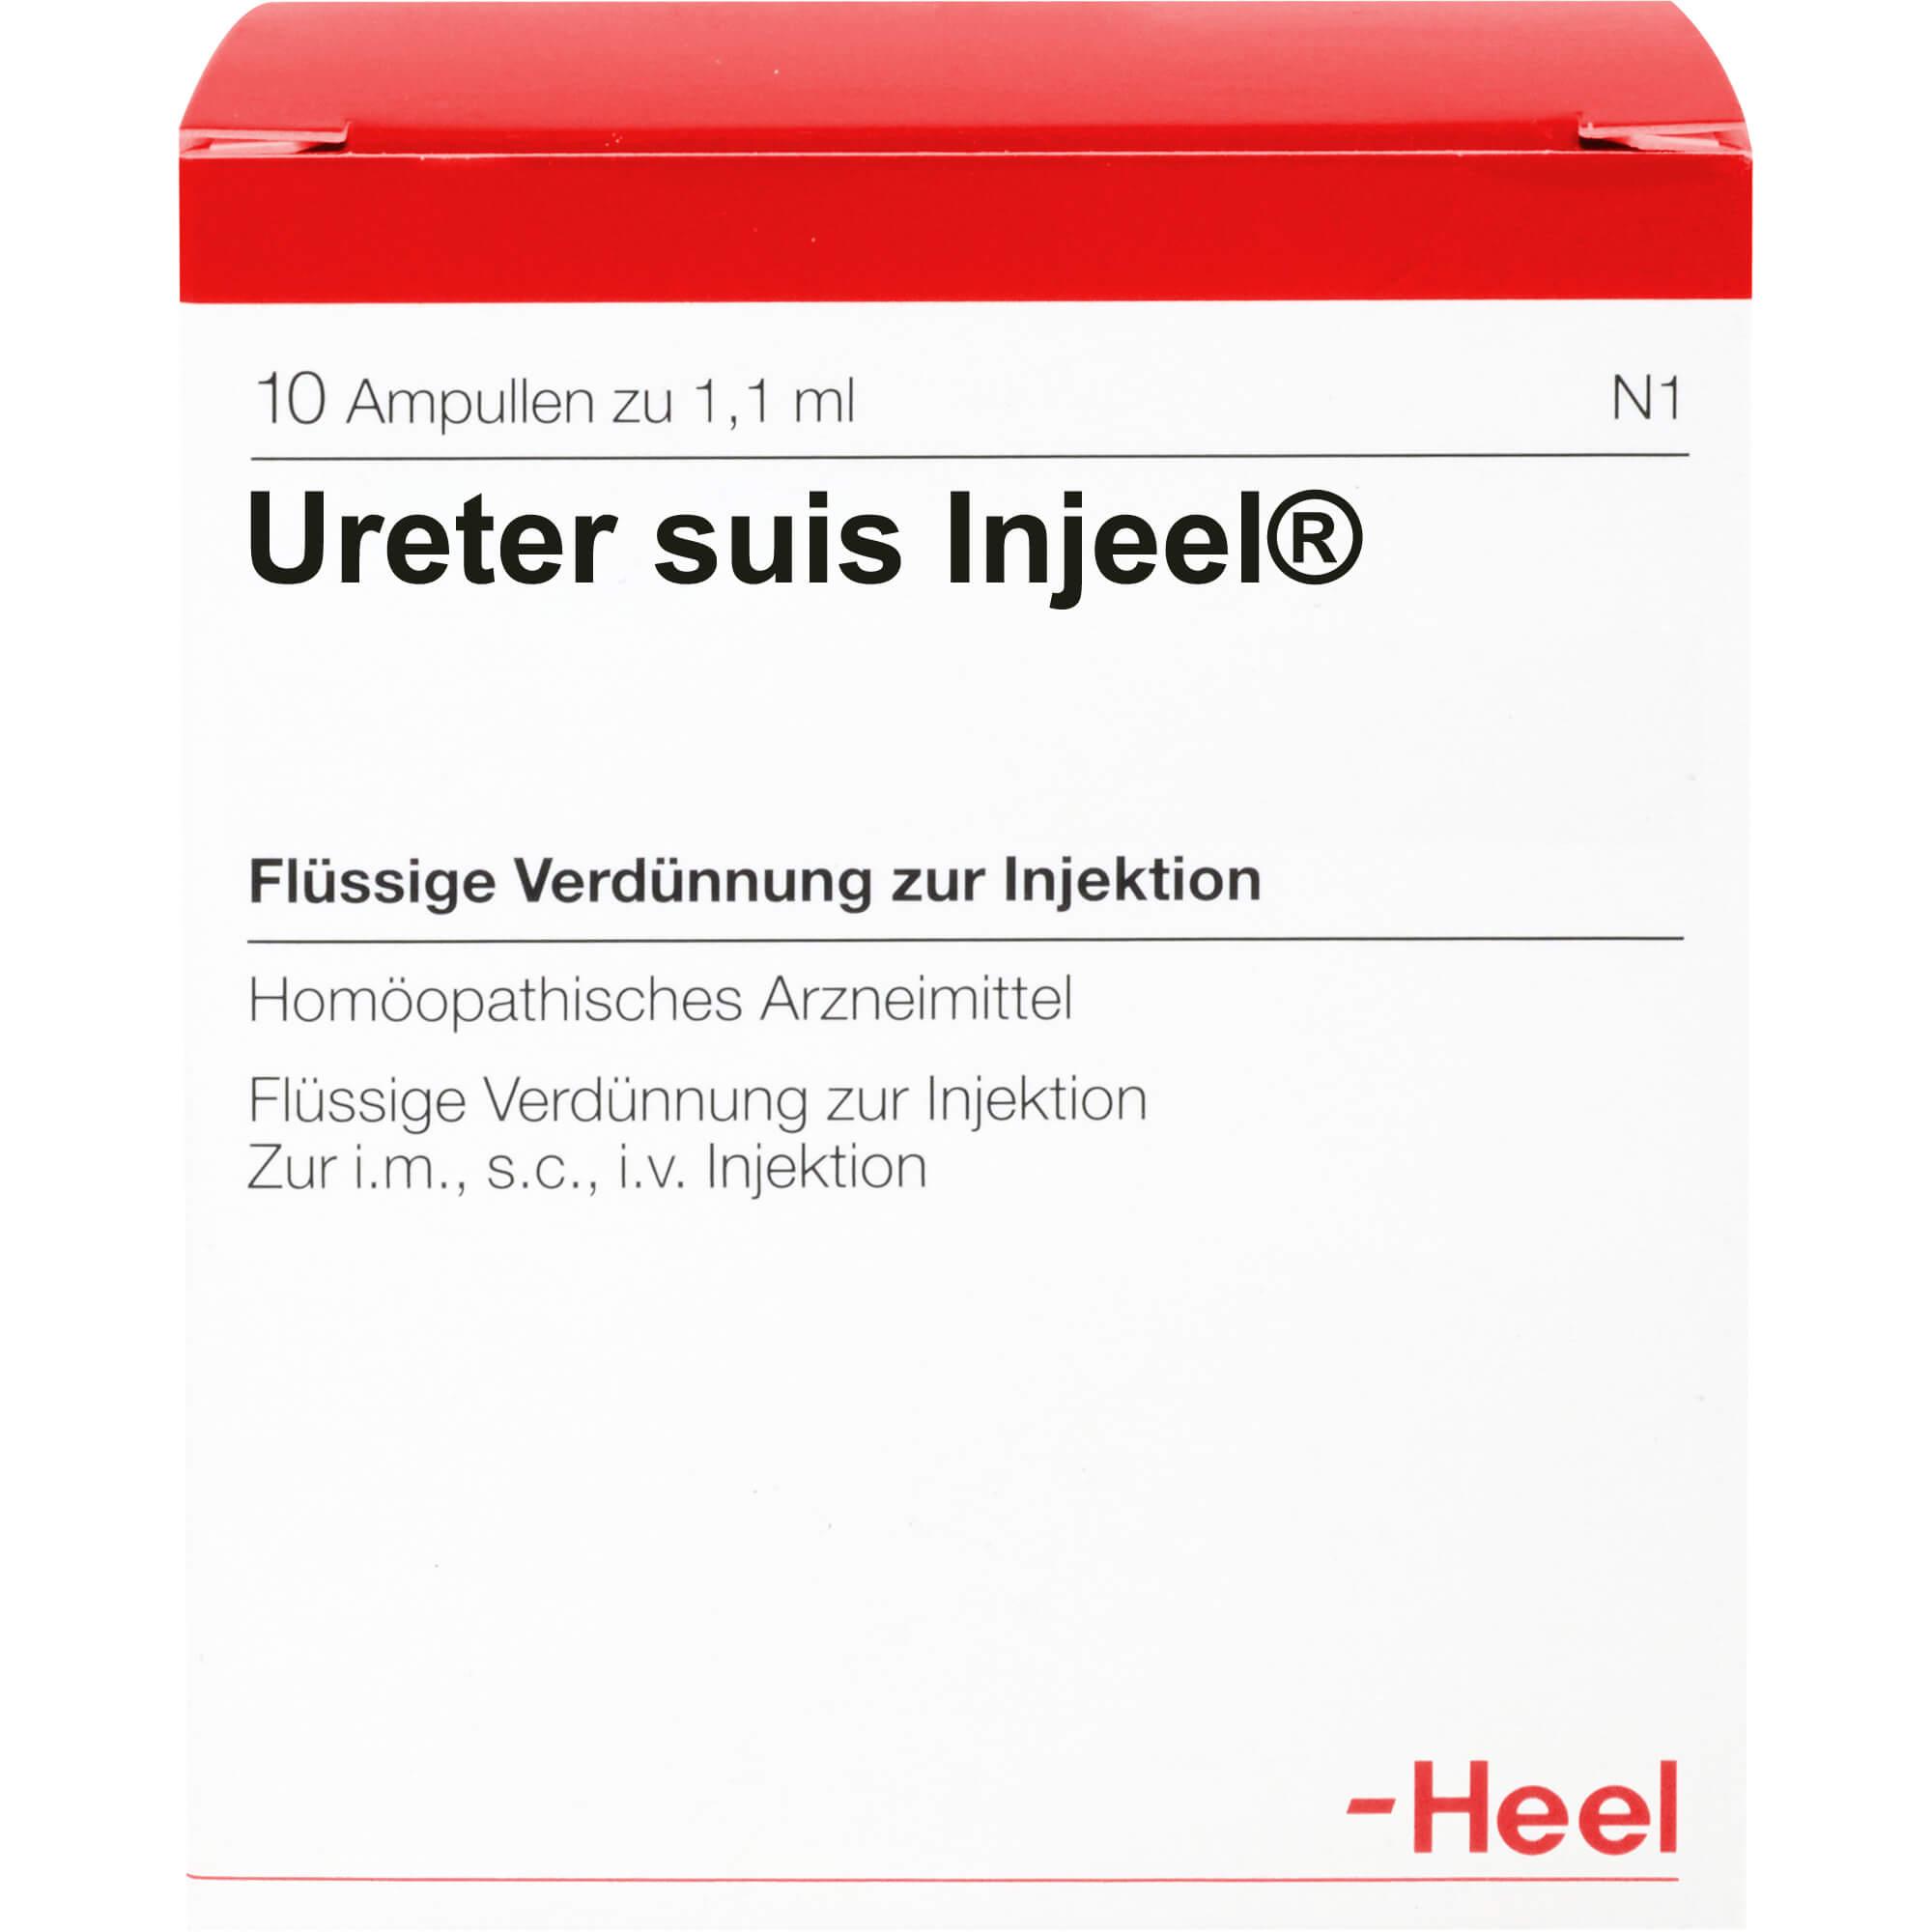 URETER SUIS Injeel Ampullen